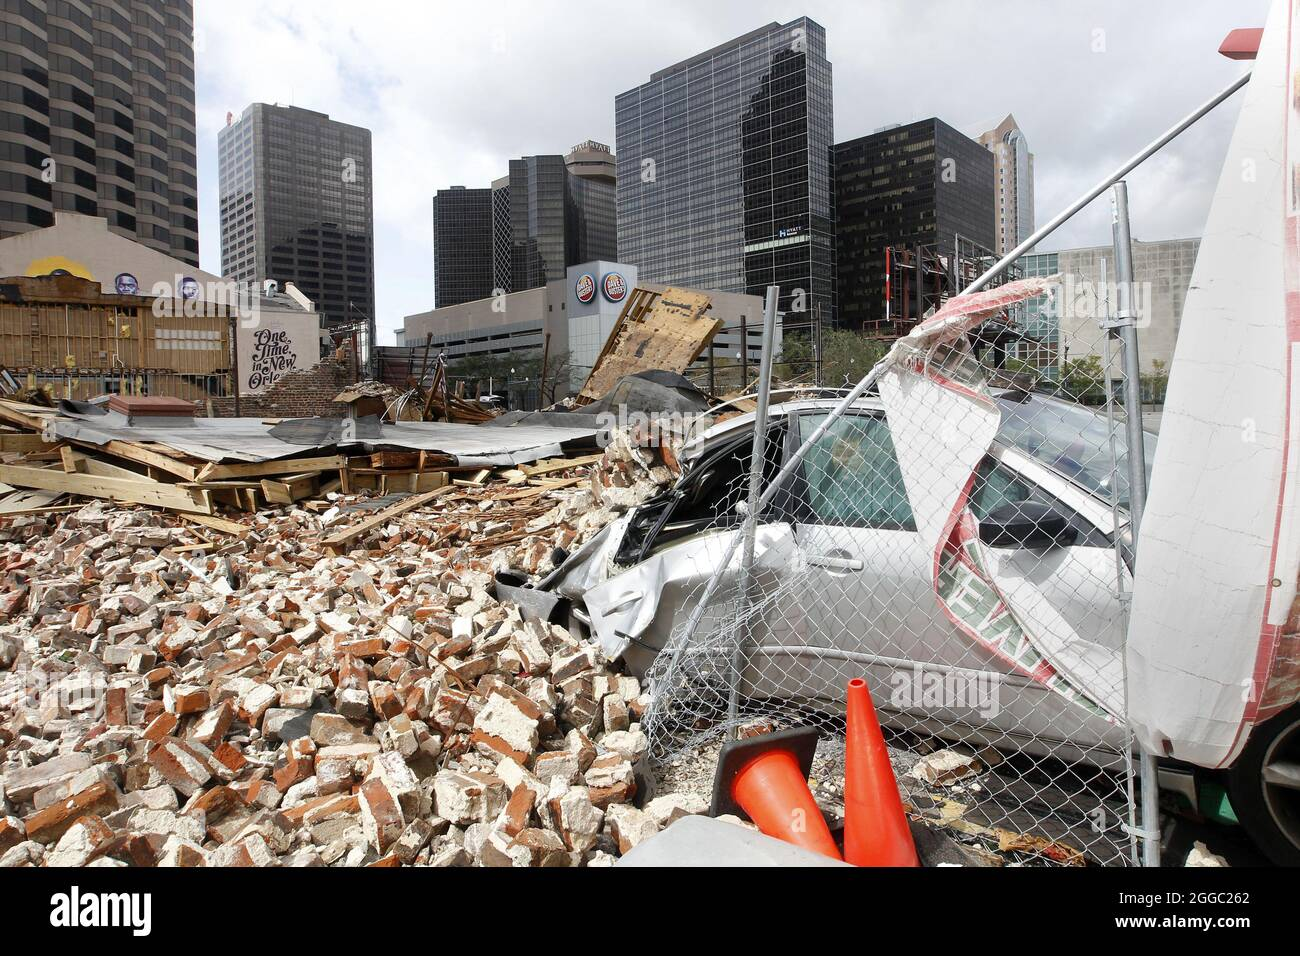 New Orleans, Stati Uniti. 30 ago 2021. Un edificio nel centro di New Orleans, Louisiana, è distrutto dopo l'uragano Ida lunedì 30 agosto 2021. L'alimentazione era fuori nella città ma i levees hanno tenuto, foto da AJ Sisco/UPI accreditamento: UPI/Alamy Live News Foto Stock